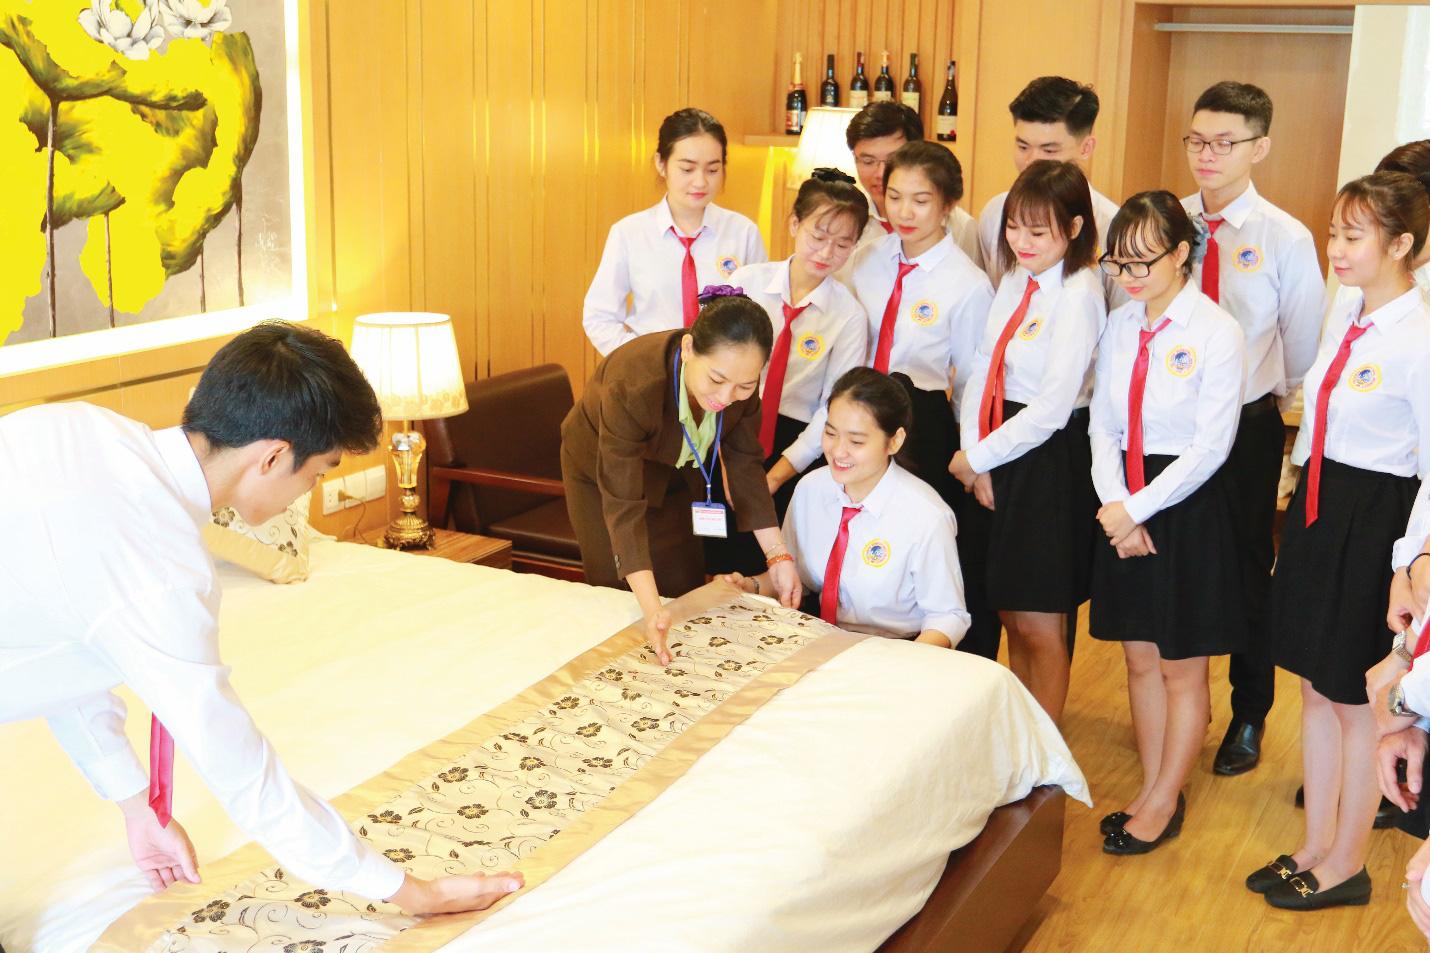 SIU chú trọng đào tạo kỹ năng thực tế cho sinh viên Quản trị Nhà hàng - Khách sạn - Ảnh 2.